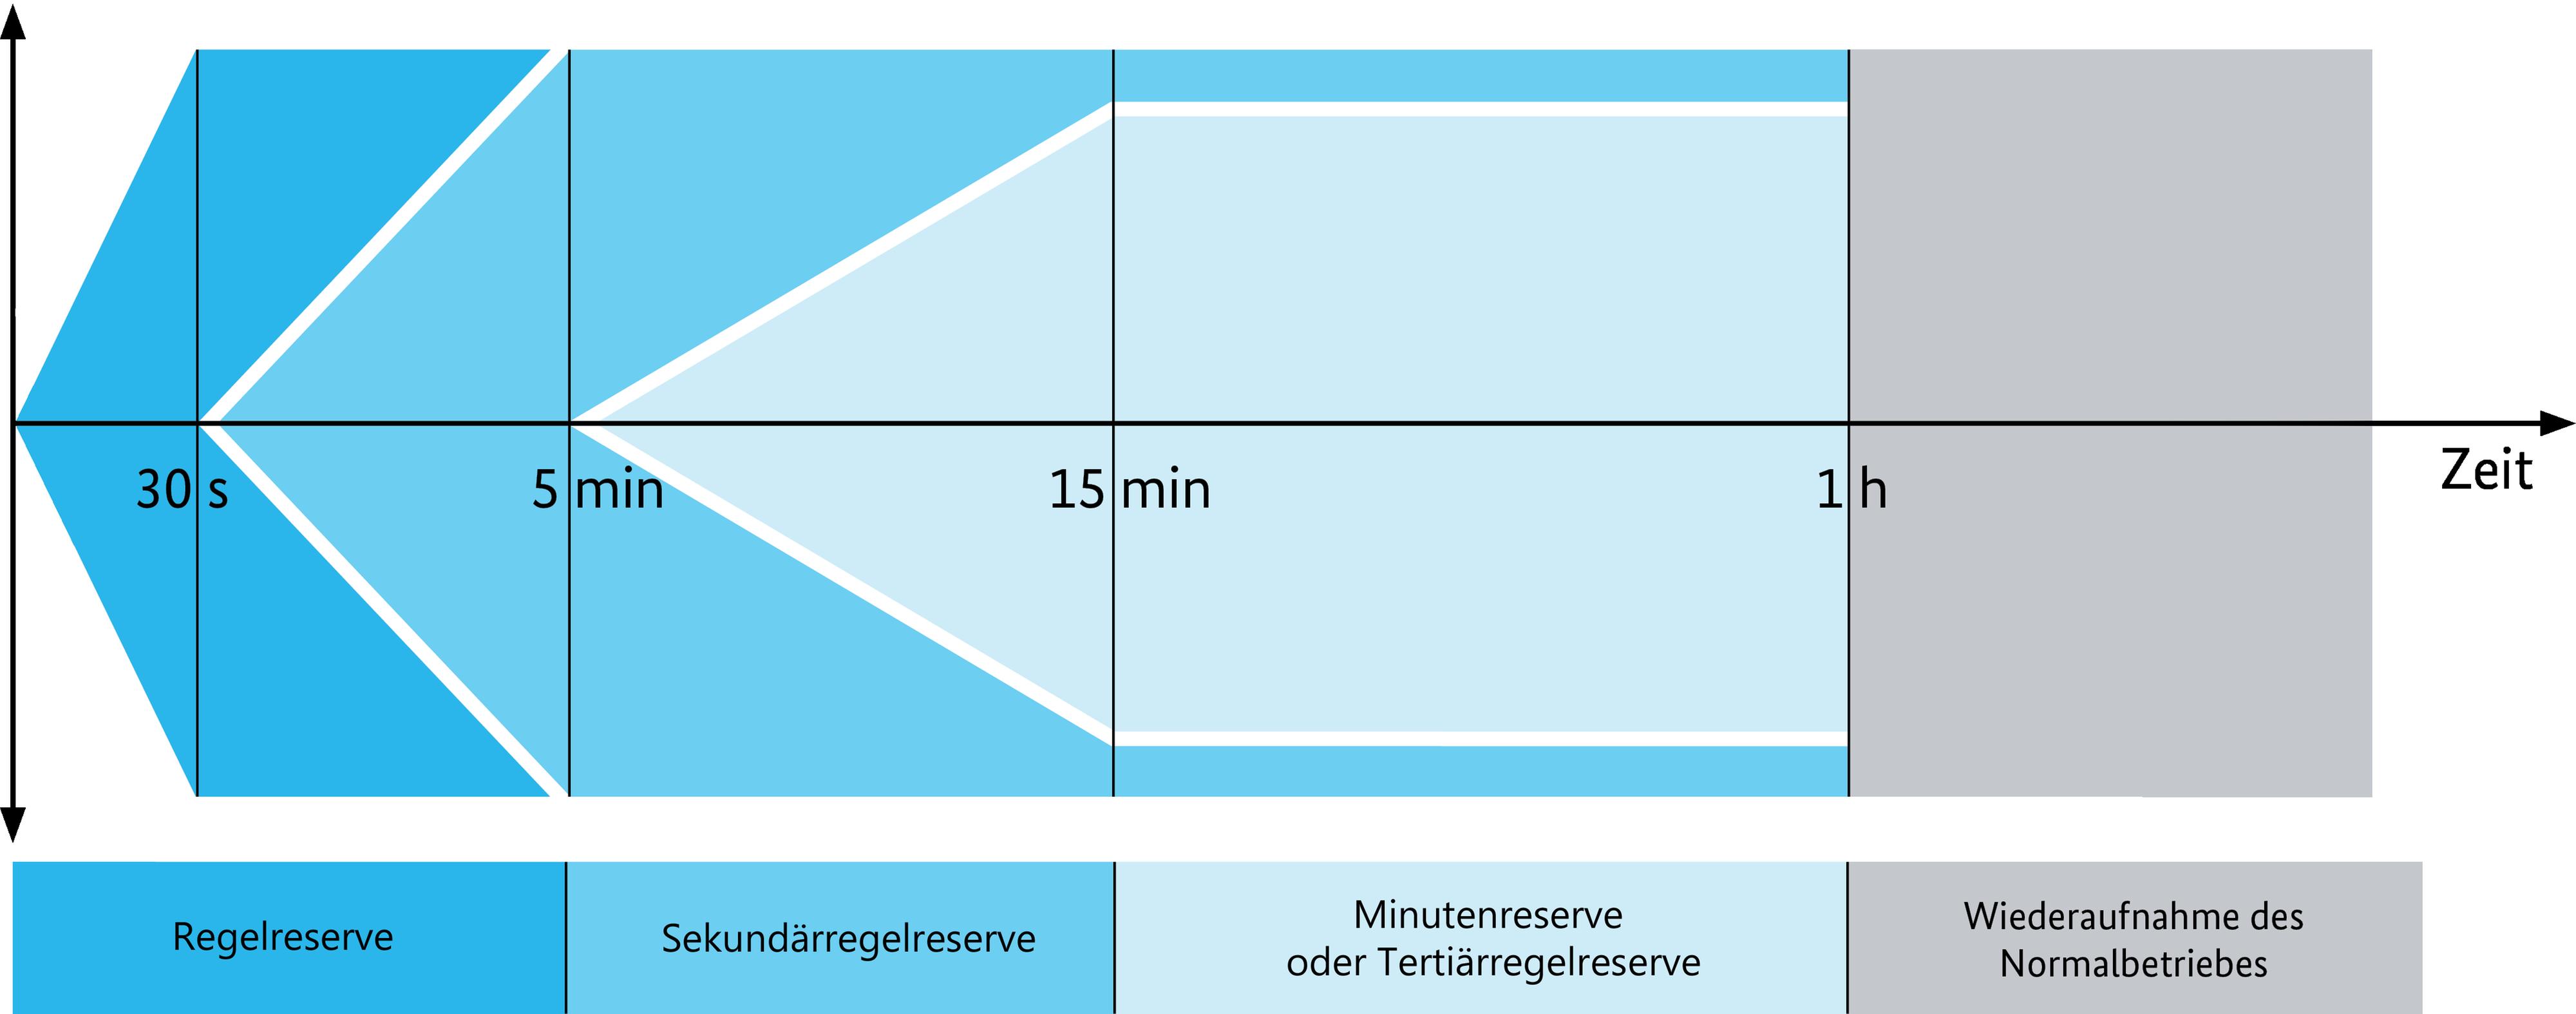 In der Grafik ist schematisch die zeitliche Verfügbarkeit von Regelleistung zu sehen.